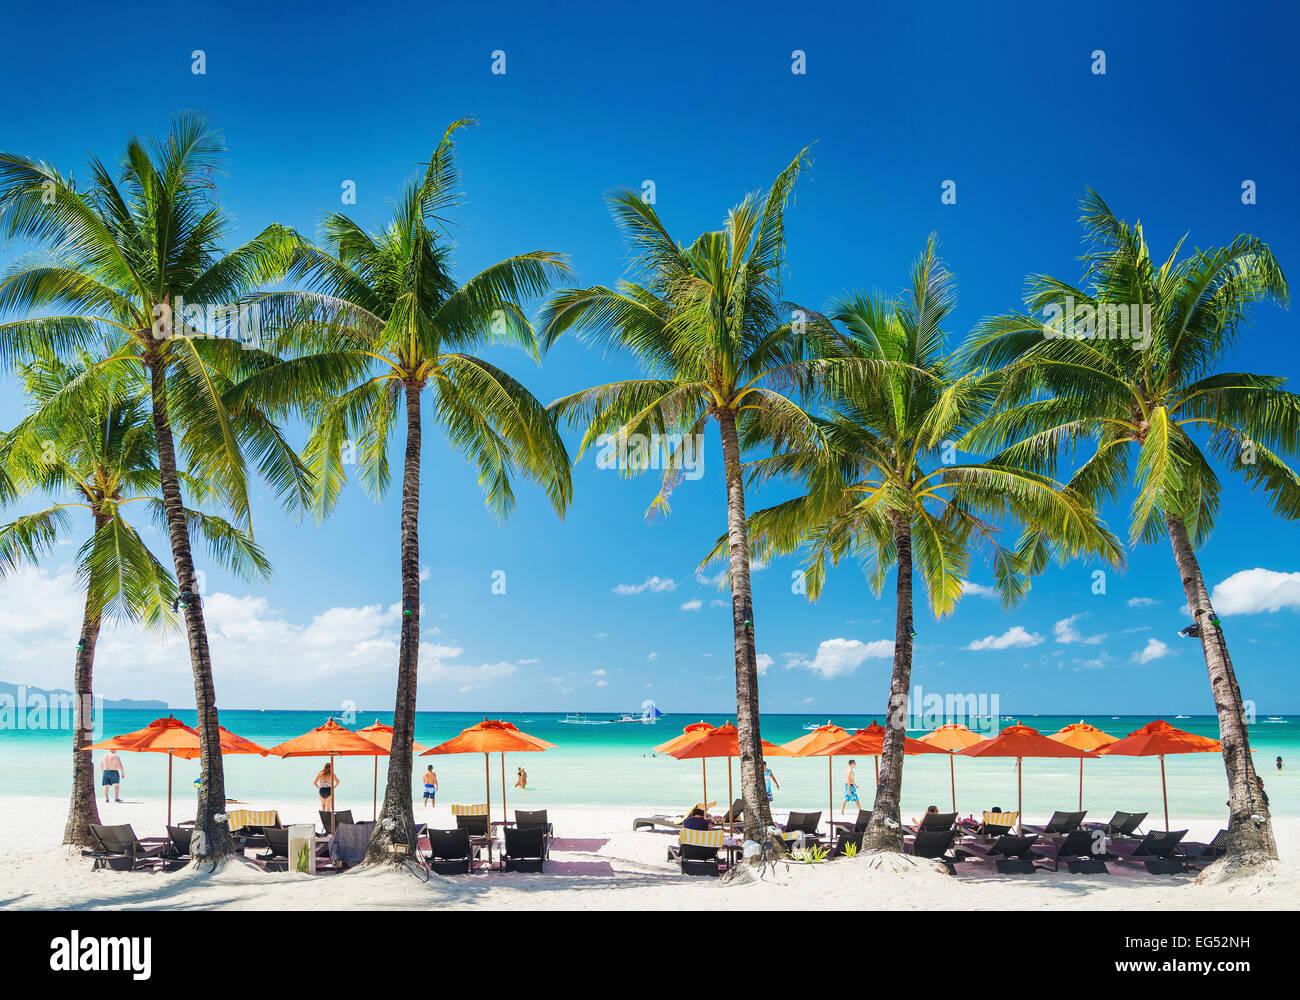 weiße Lounge-Bar liegen und Sonnenschirme auf der tropischen Insel Boracay Philippinen Stockbild